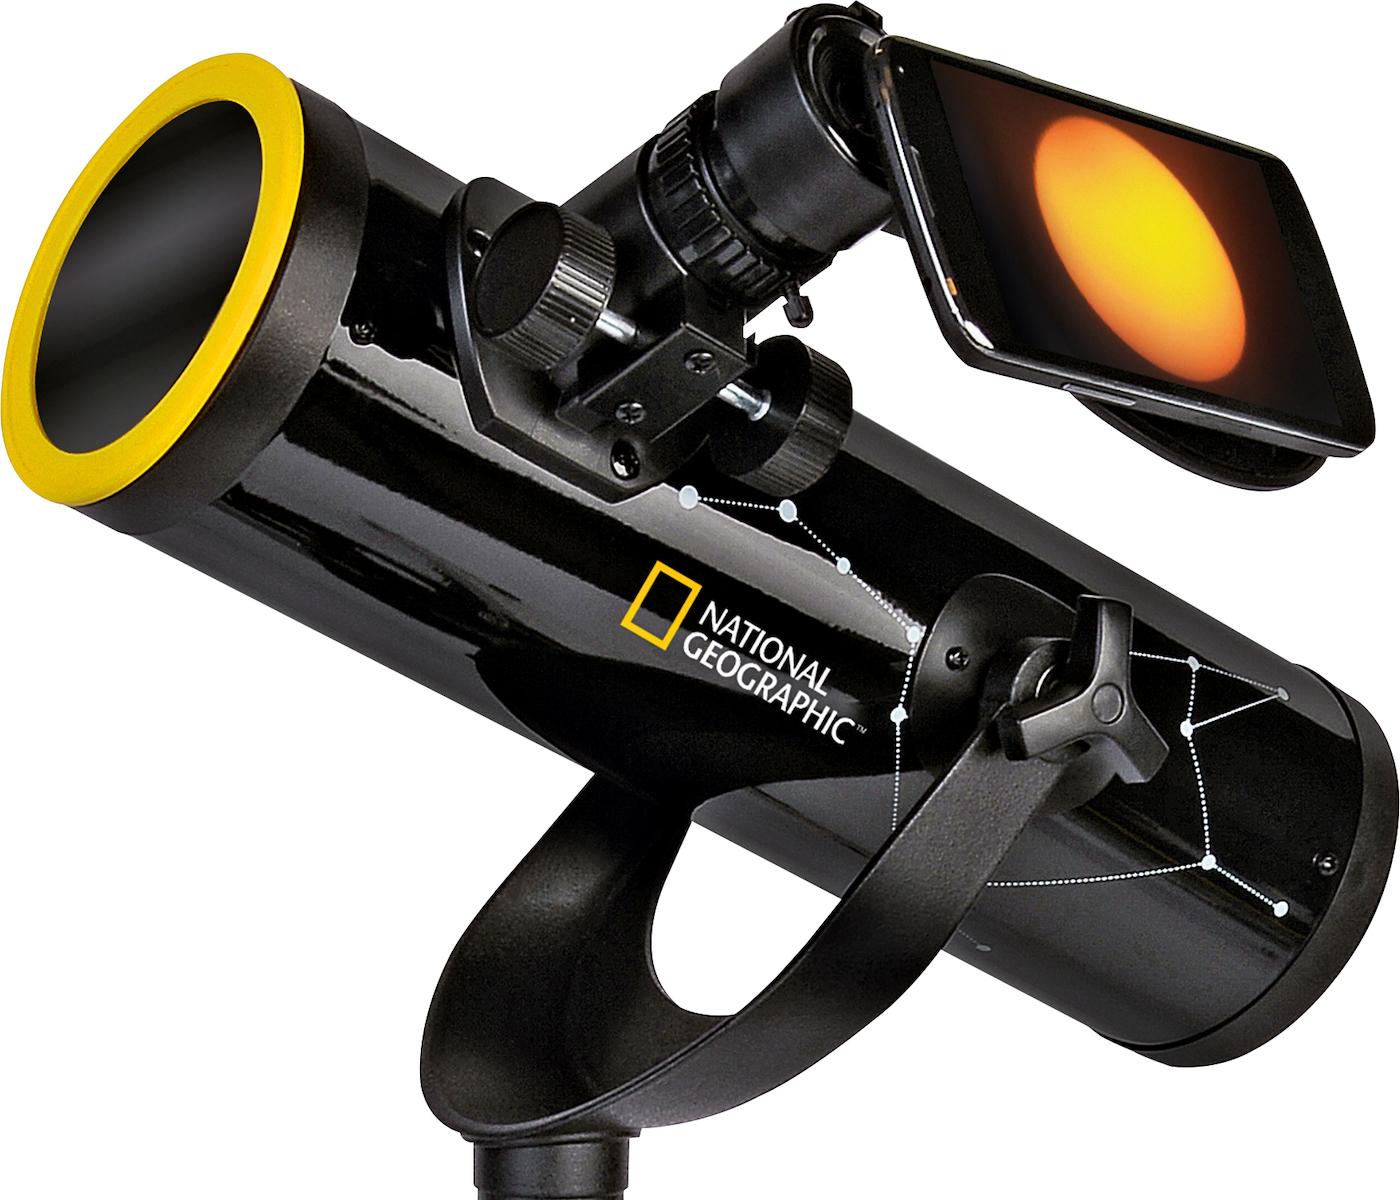 Телескопы Bresser серии National Geographic в интернет магазине четыре глаза